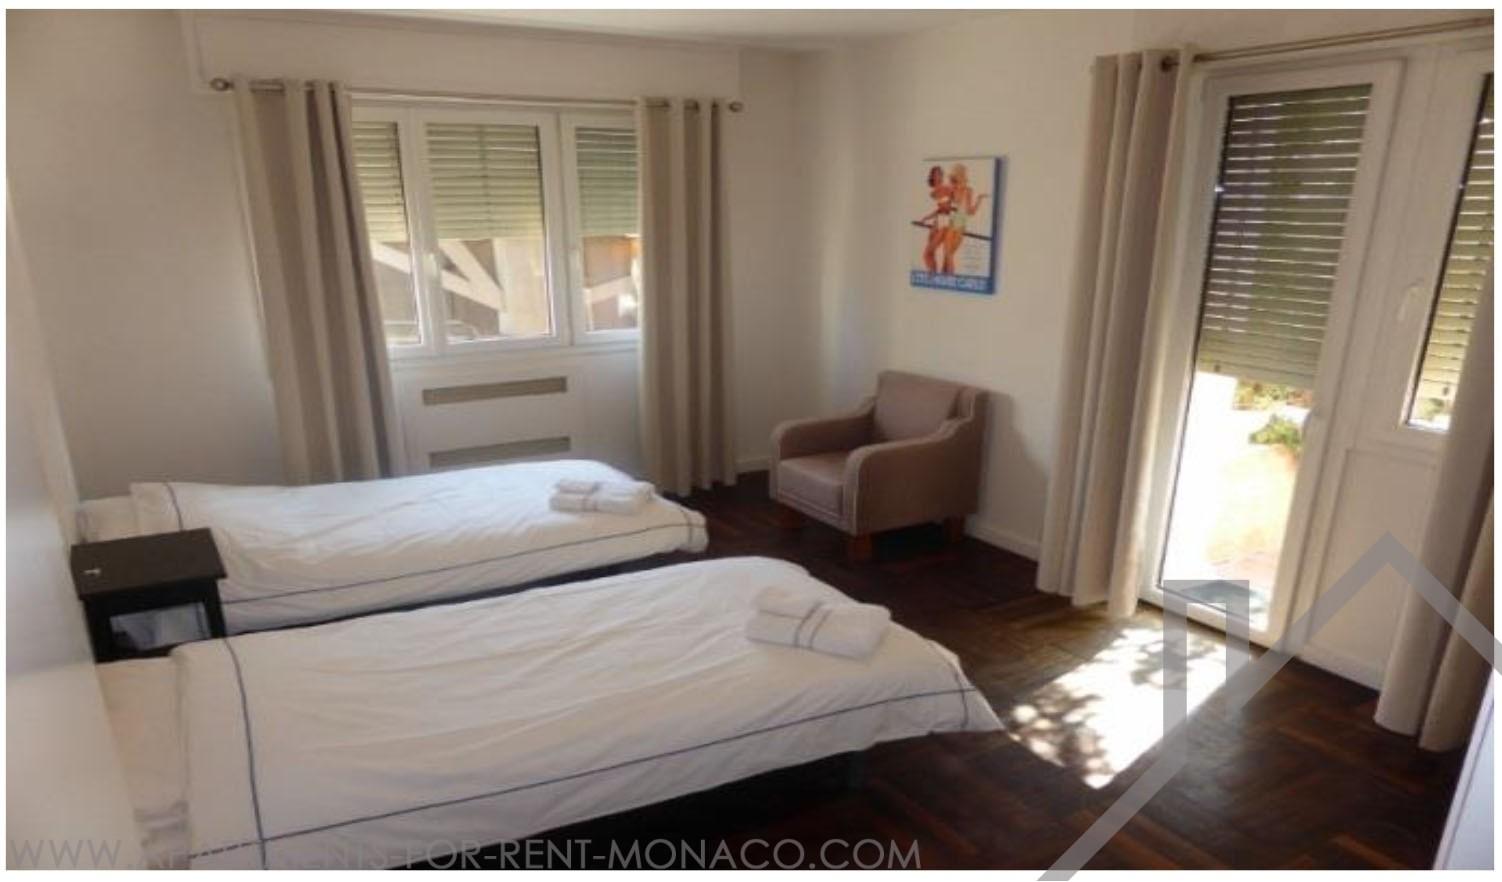 Sardanapale 3p meubl avec terrasses location d for Location d appartement meuble